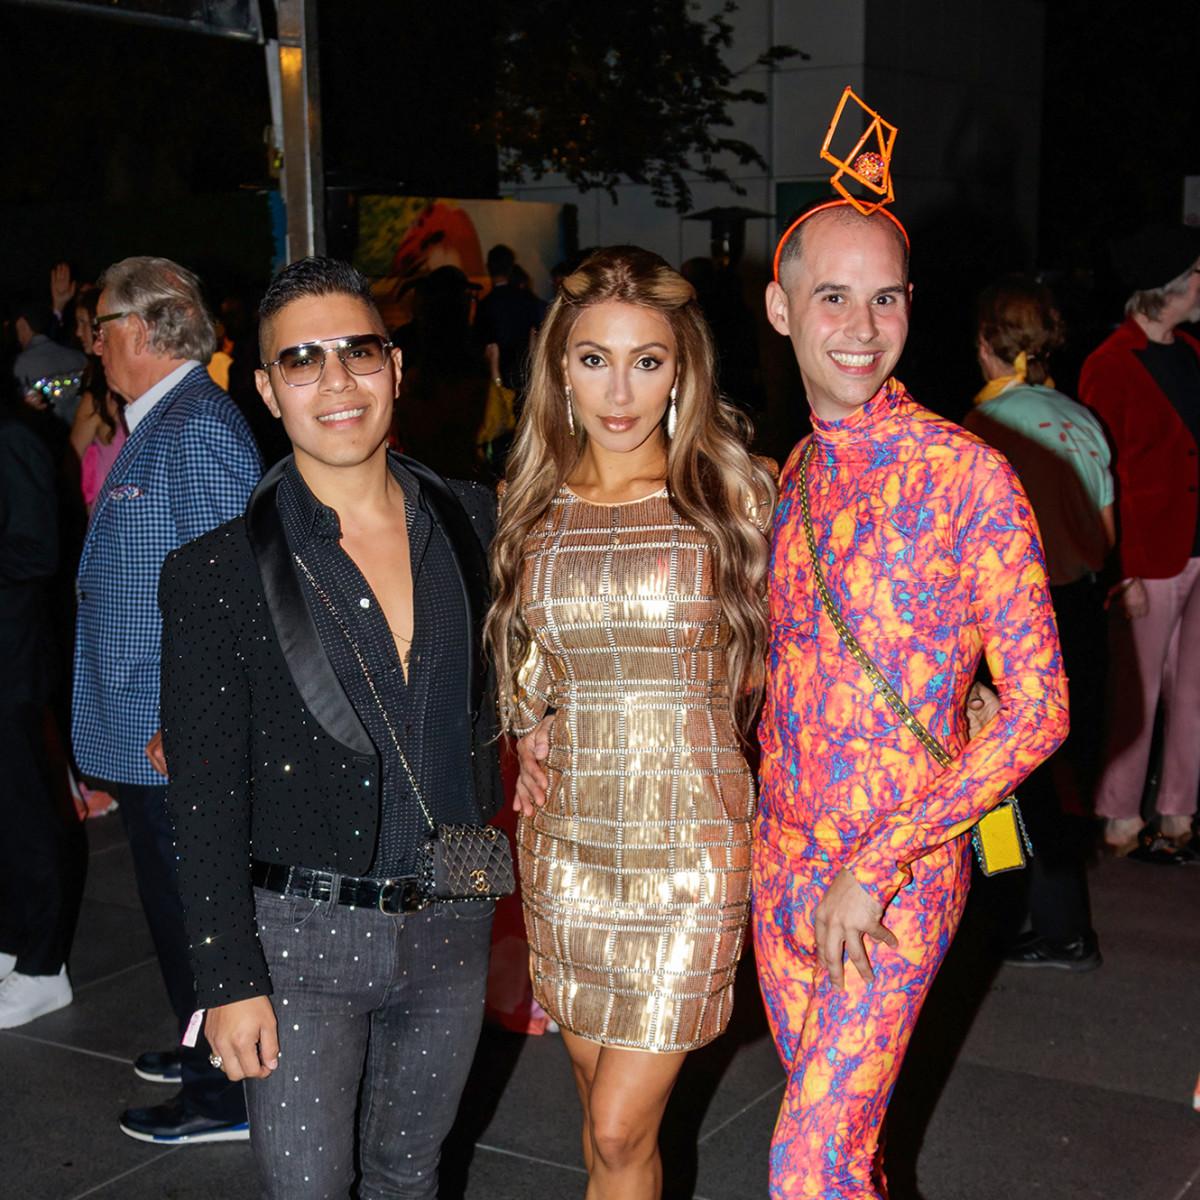 Dan Rodriguez, Arianna Angara, Joseph Steffen